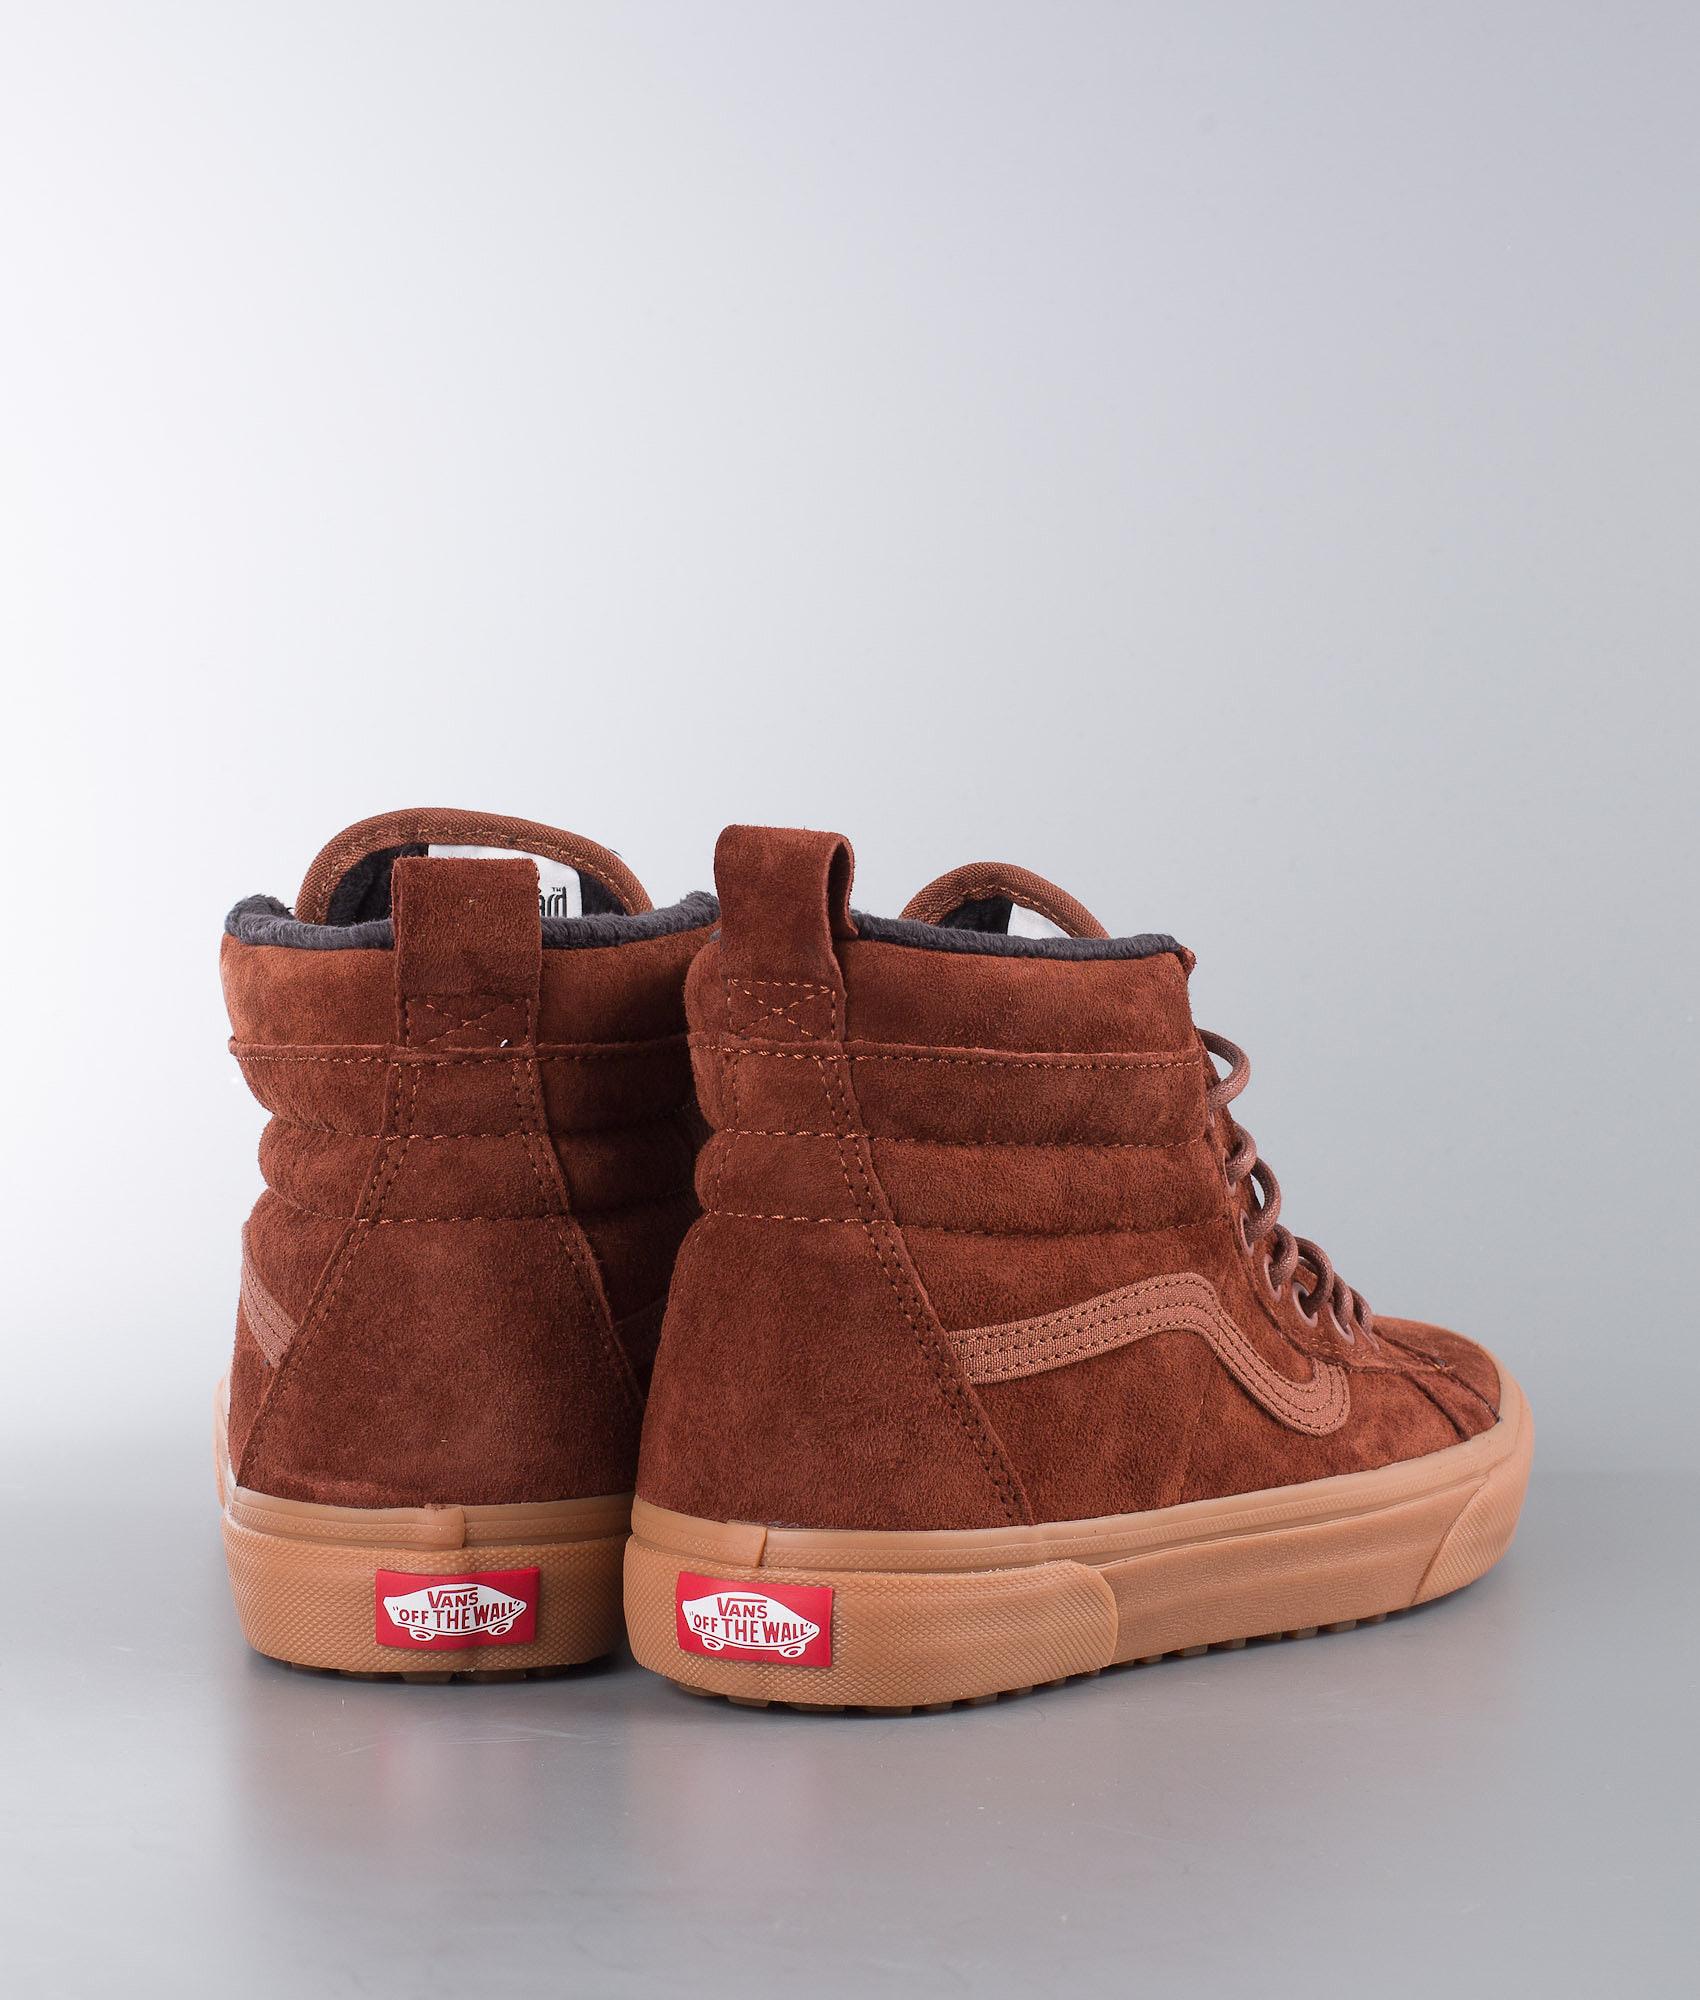 b11fd4d056e268 Vans Sk8-Hi Mte Shoes (Mte) Sequoia Gum - Ridestore.com